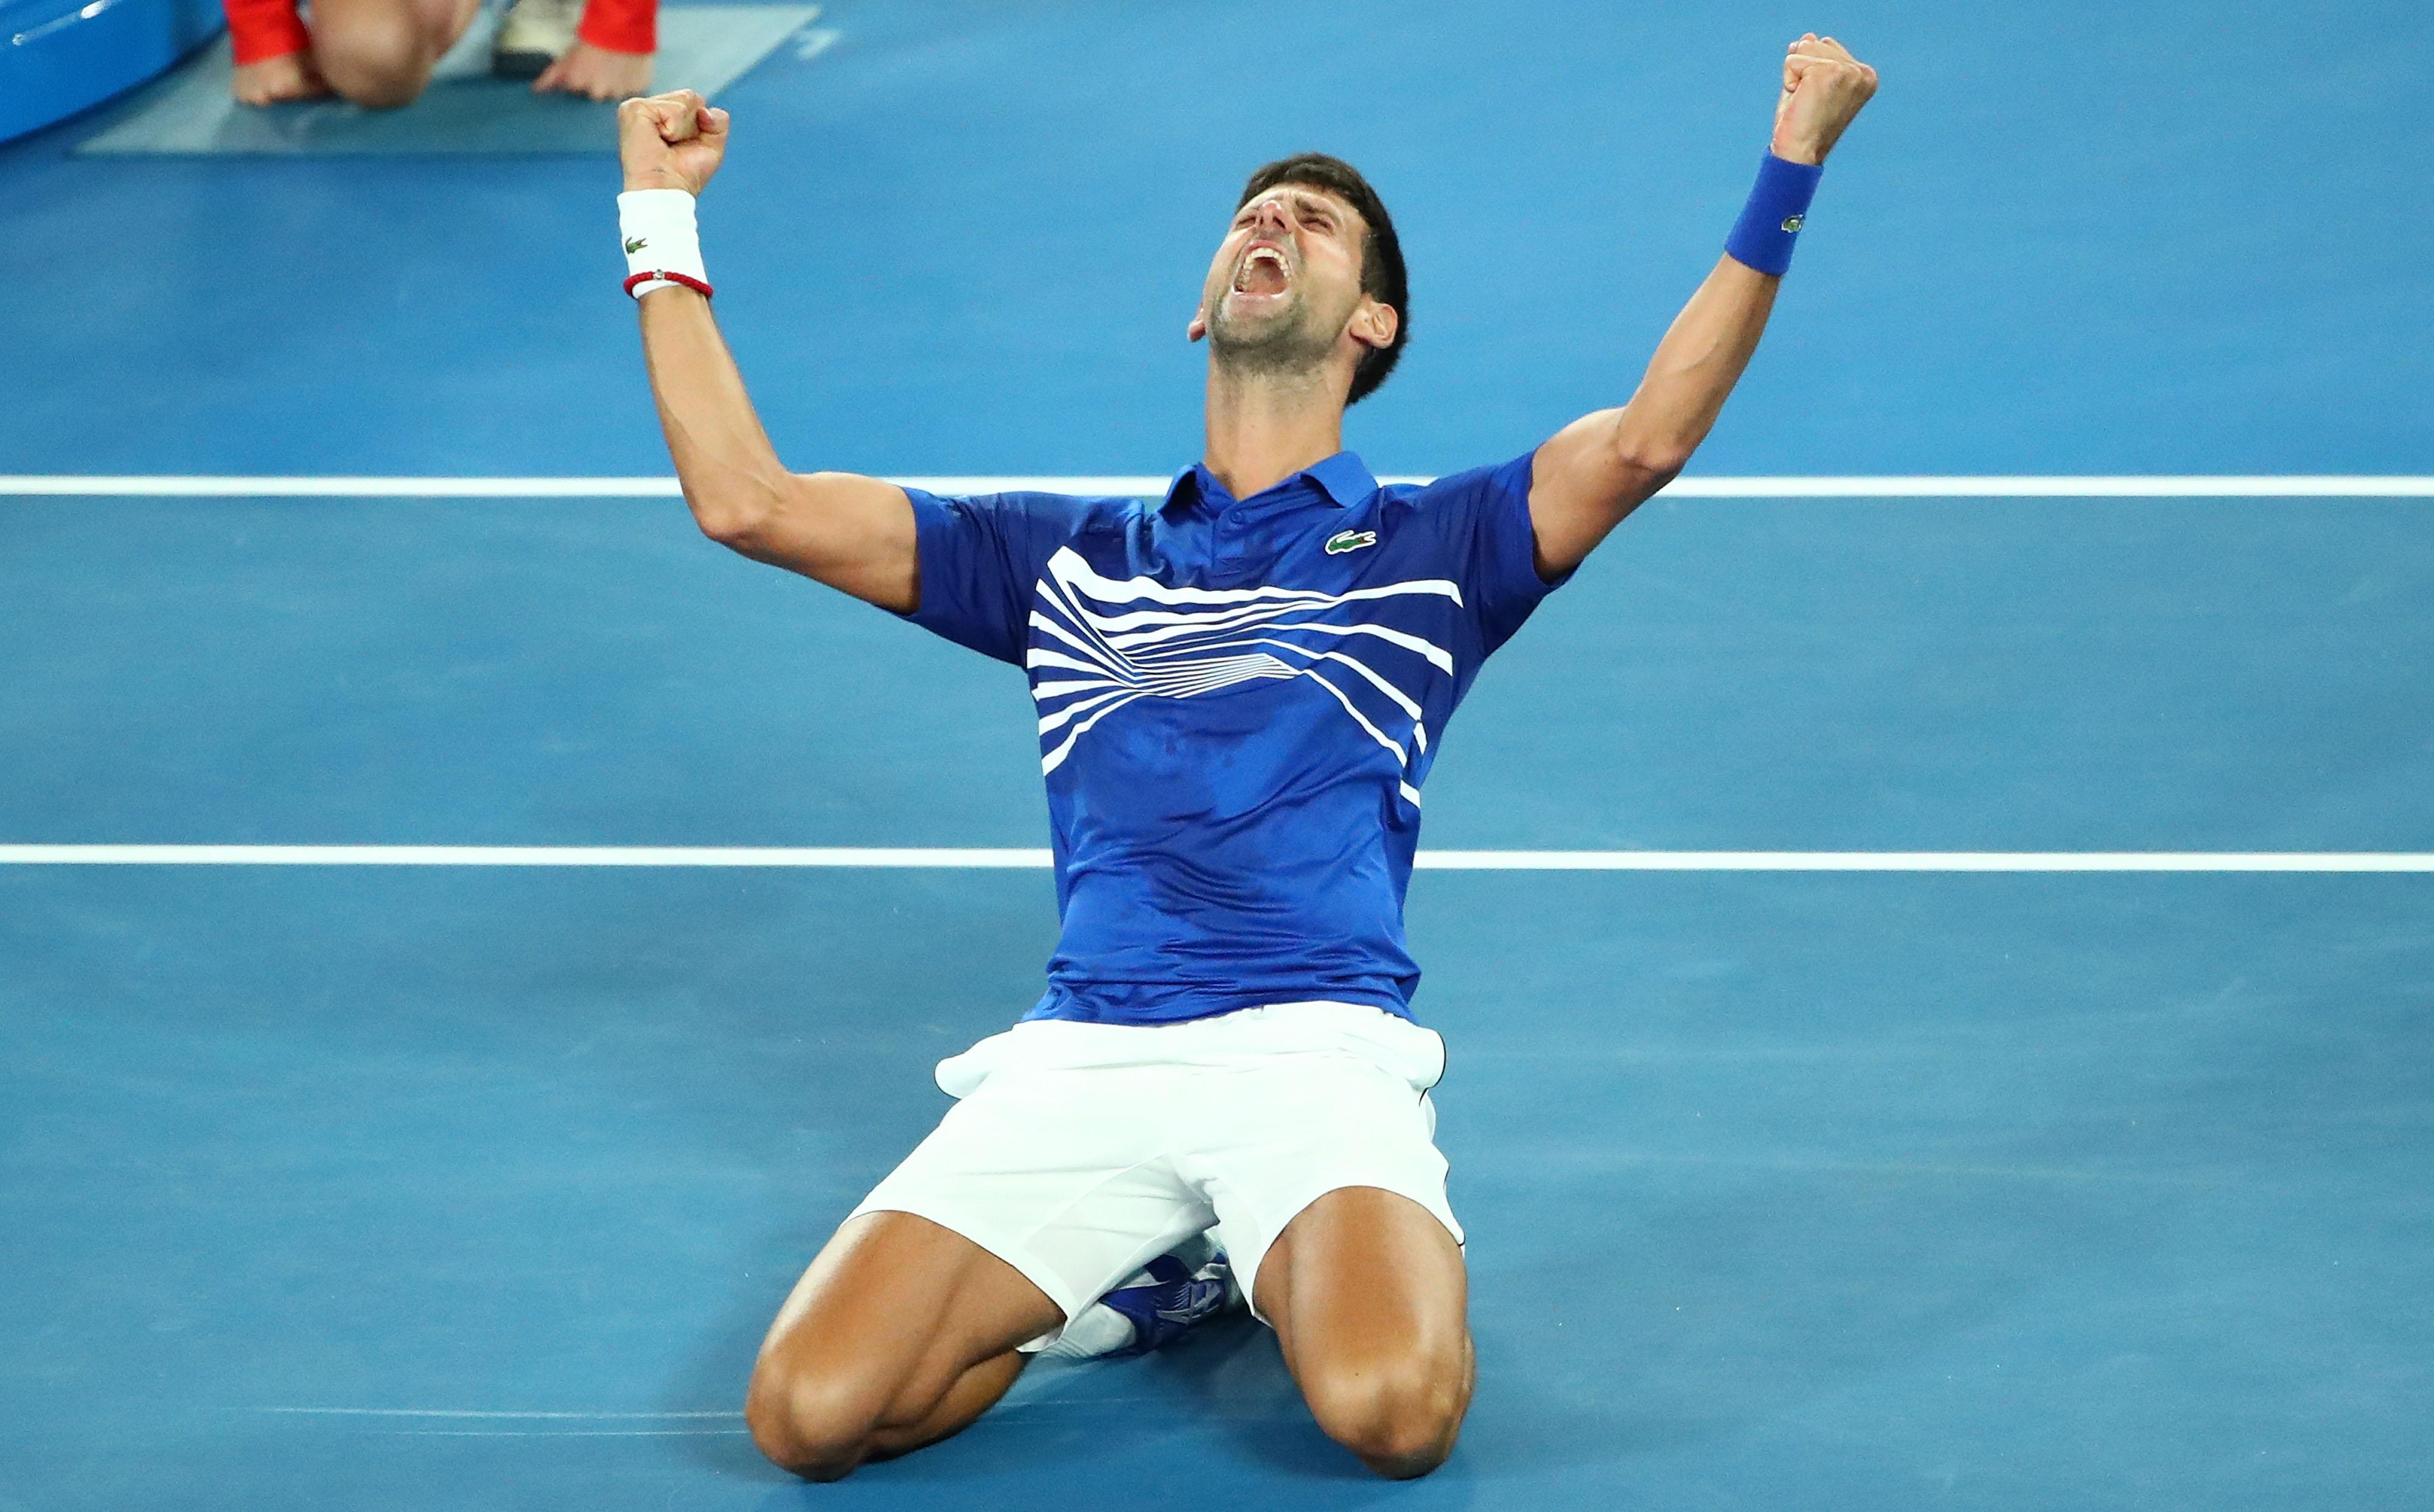 德约科维奇完胜纳达尔 夺澳网七冠创纪录